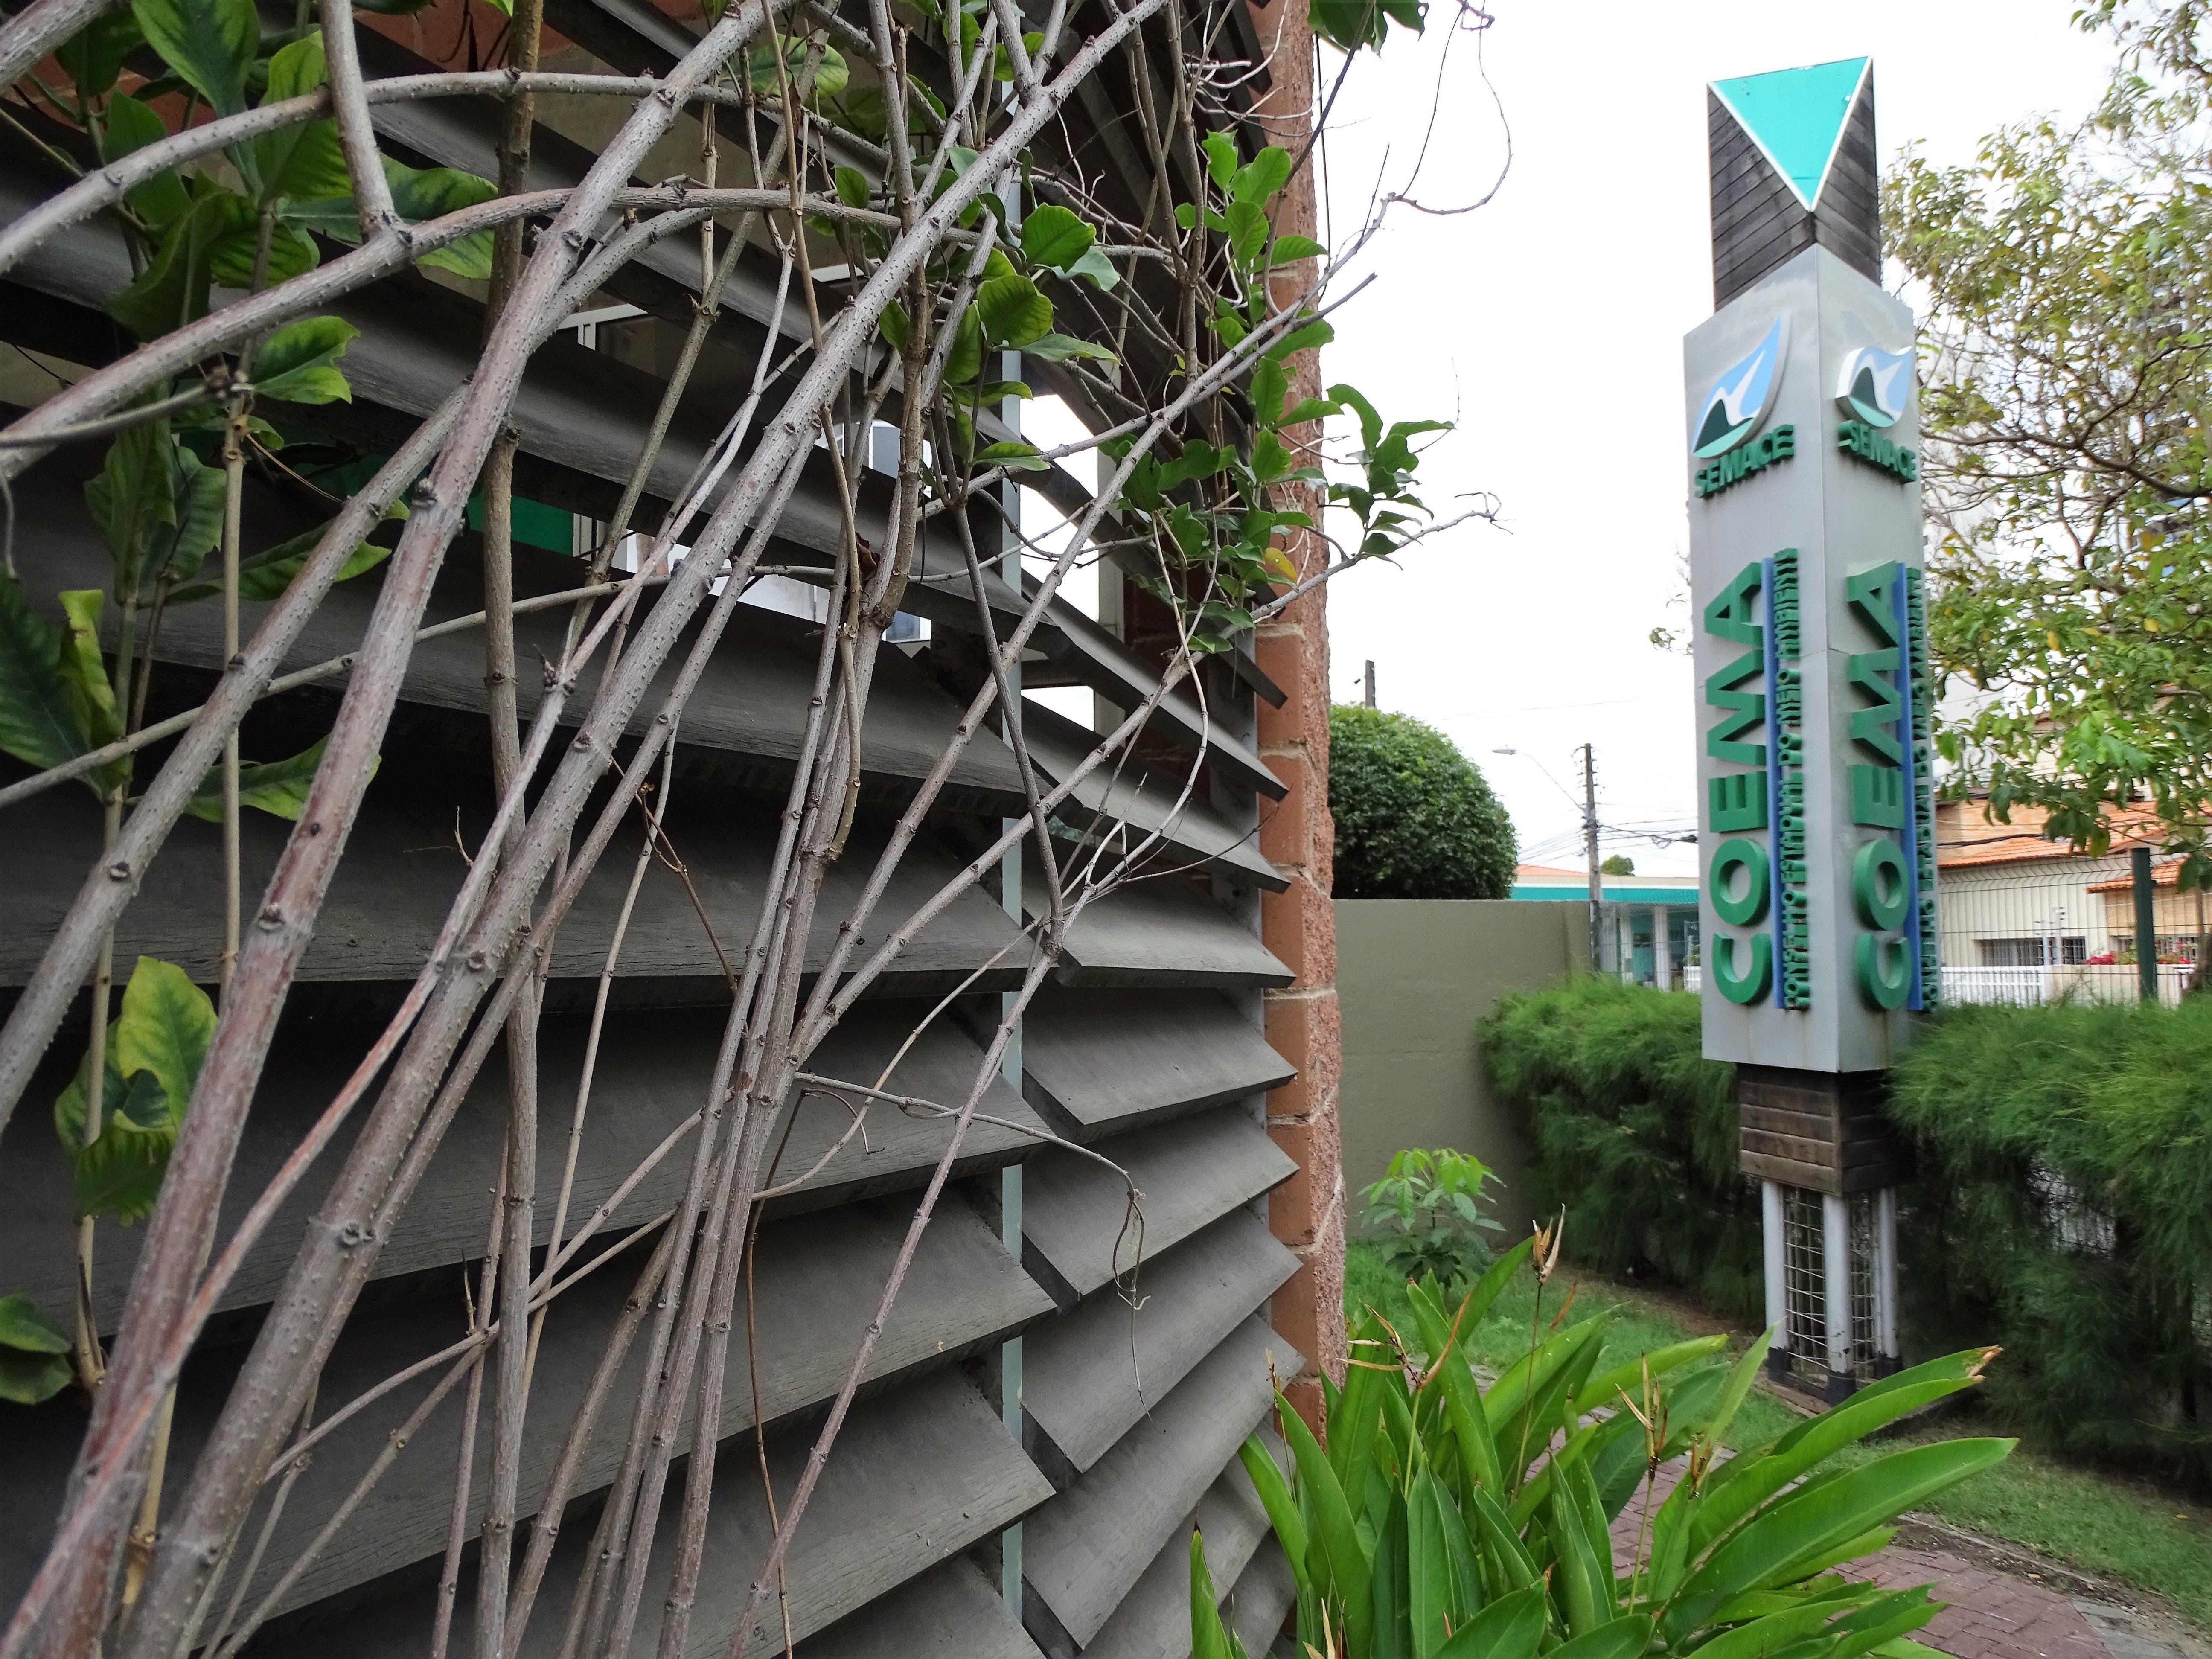 Fotografia da fachada do Coema. Em primeiro plano, à esquerda, está uma parede com venezianas de madeira coberta por galhos e folhas. À direita, um letreiro vertical apresenta o seguinte texto na cor verde: Semace. Coema.